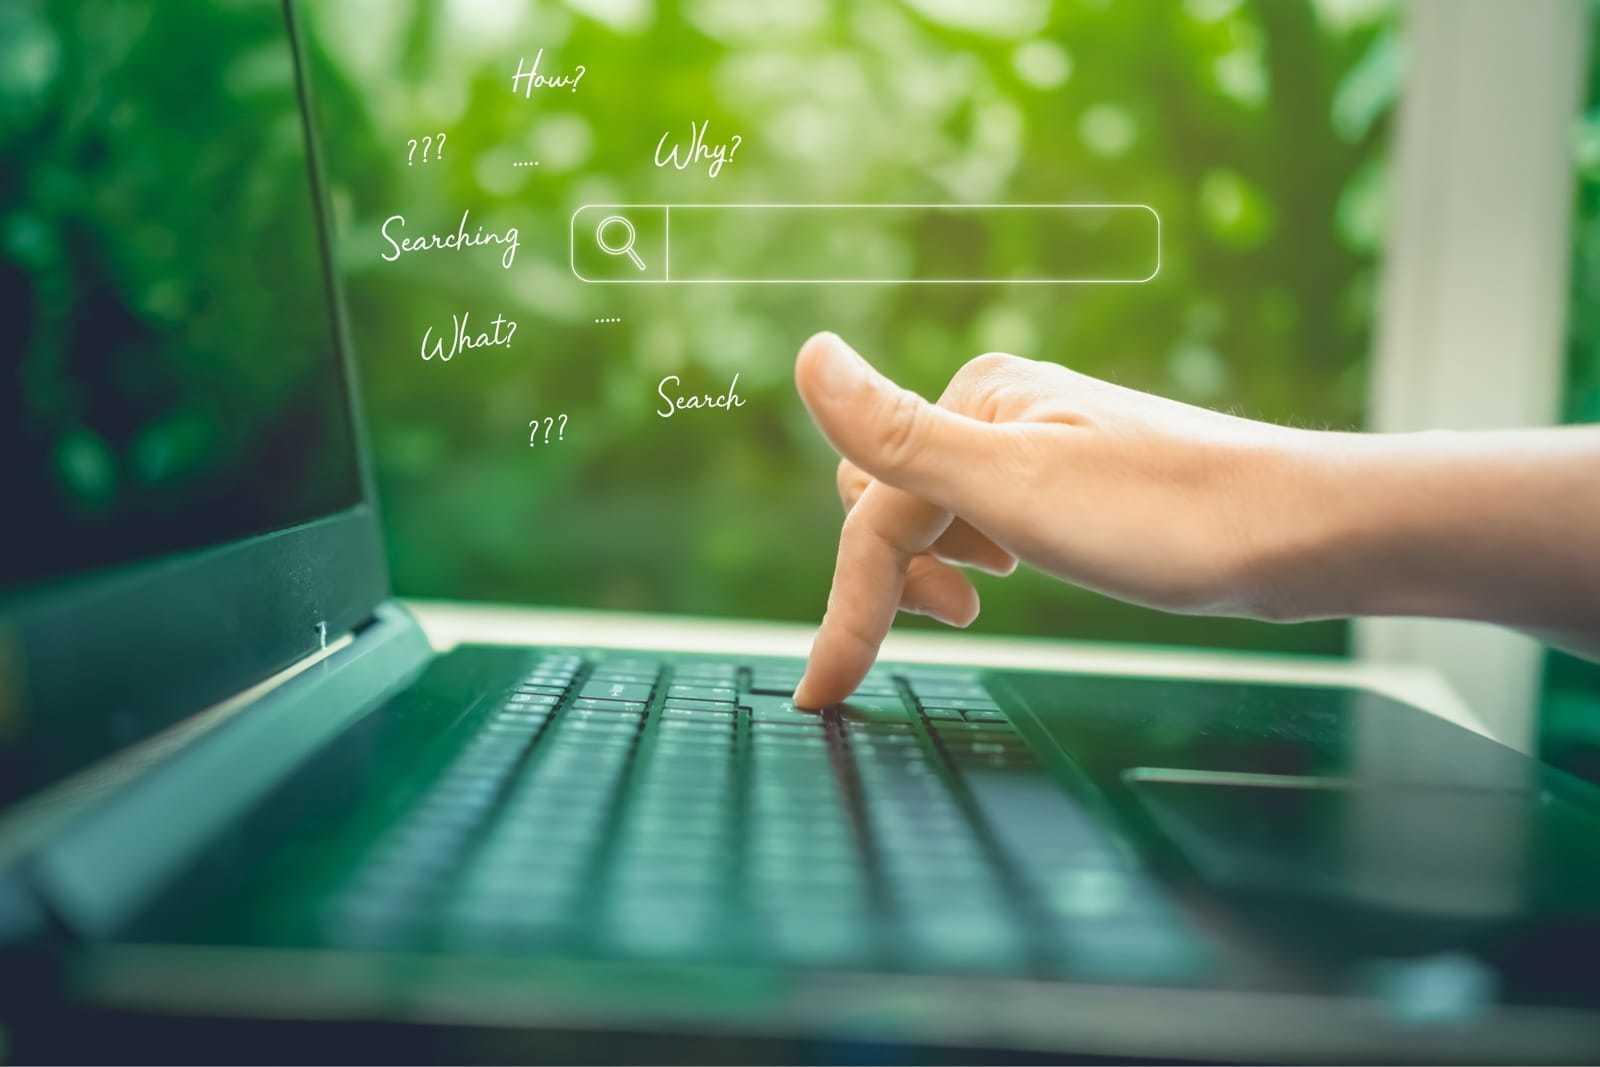 ノートパソコンでキーワードを打ち込み検索する様子